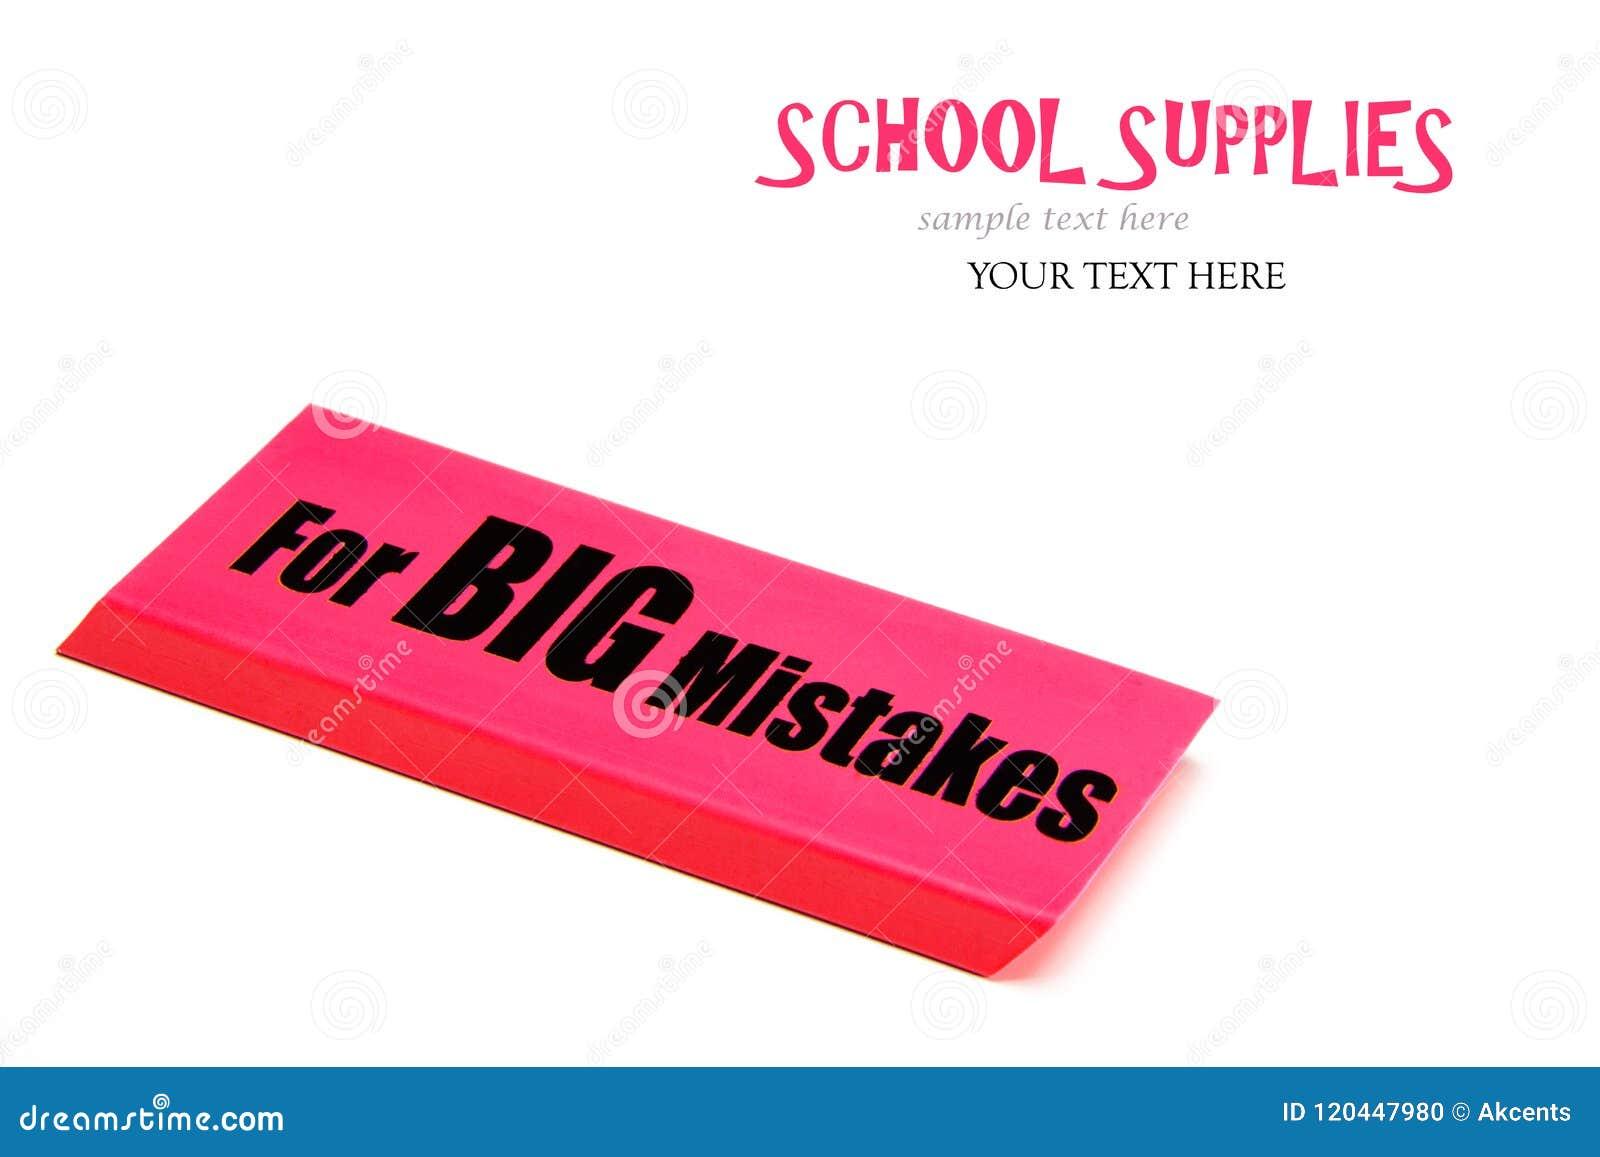 Μια μεγάλη κόκκινη γόμα με το μήνυμα για τα μεγάλα λάθη στενές σχολικές προμήθειες μοιρογνωμόνιων πυξίδων επάνω